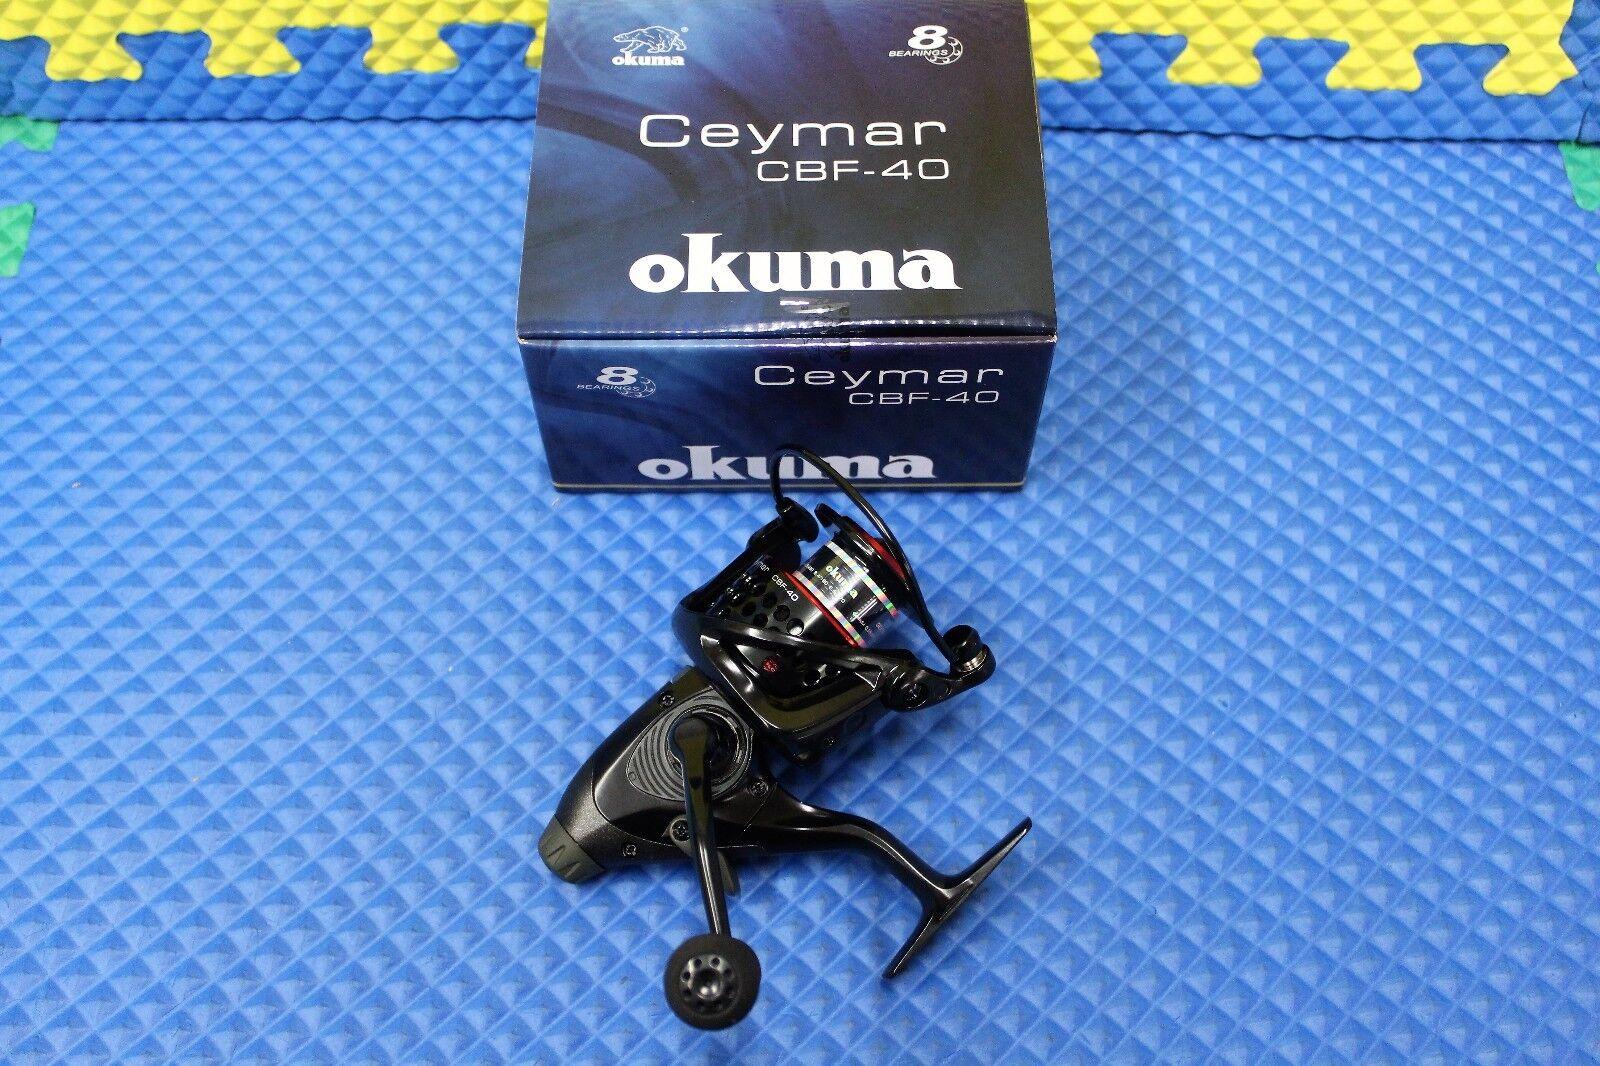 Okuma Ceymar Baitfeeder Spinning Reel 8BRG  CBF-40  promotions